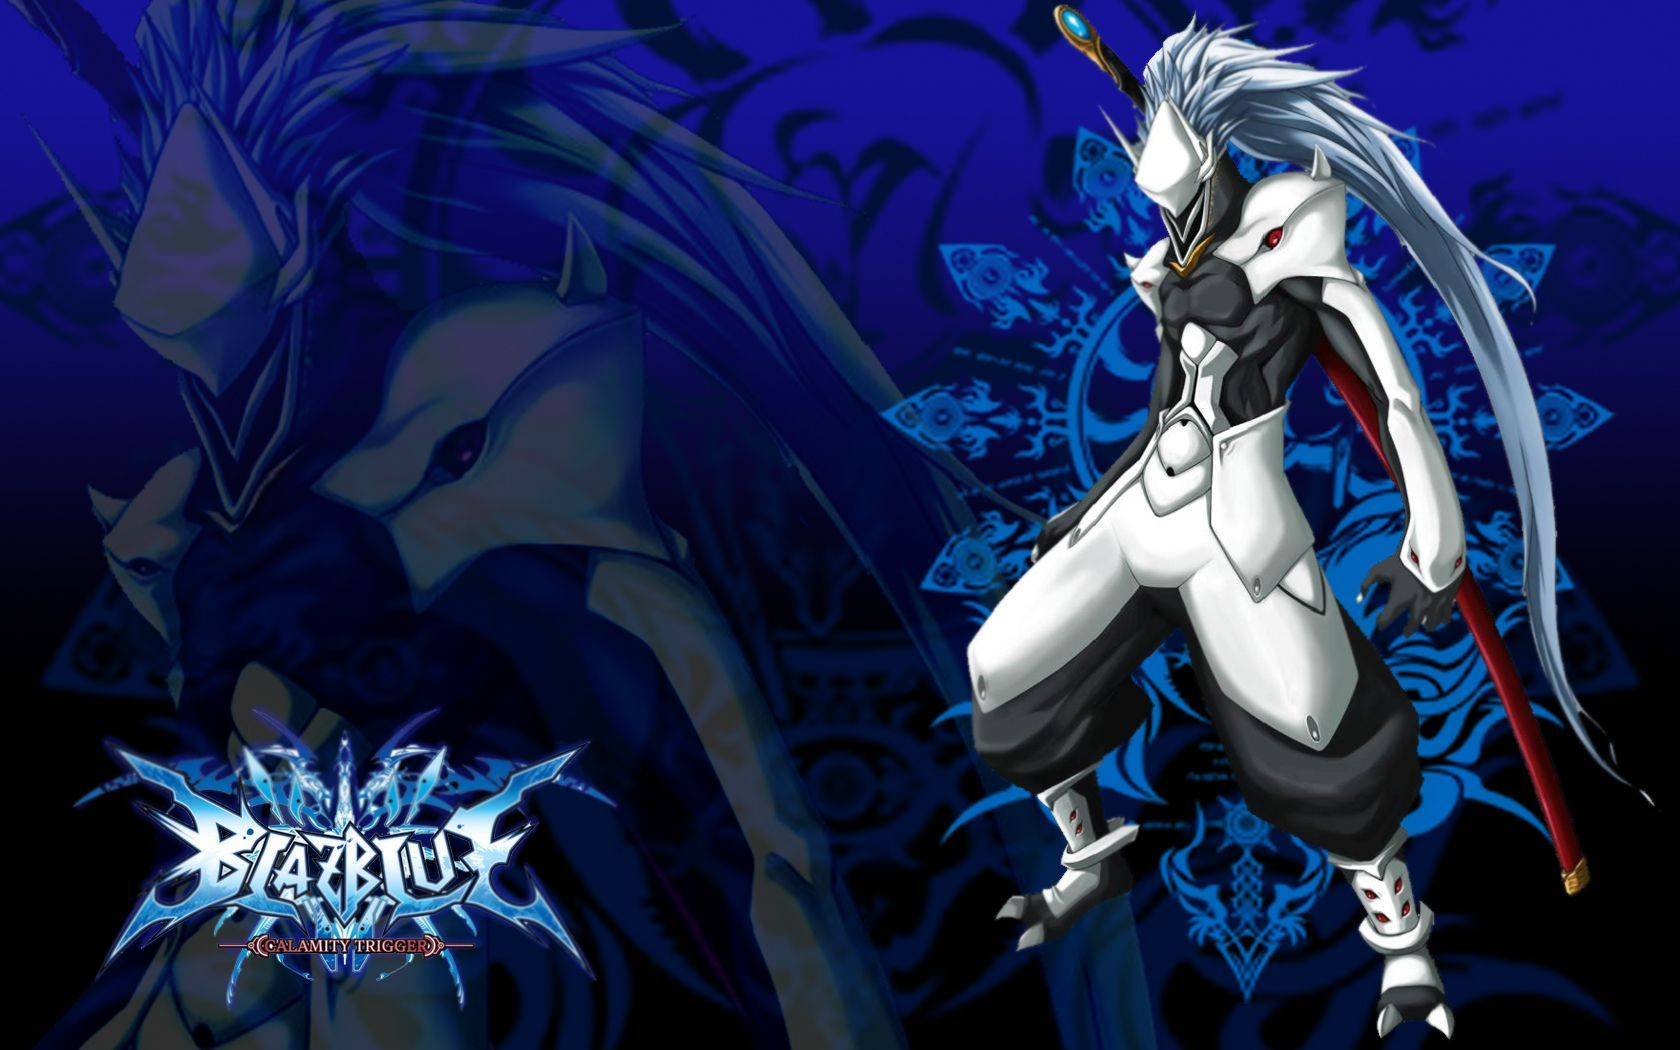 Tải xuống miễn phí hình nền Anime xanh 1680x1050.  hình nền